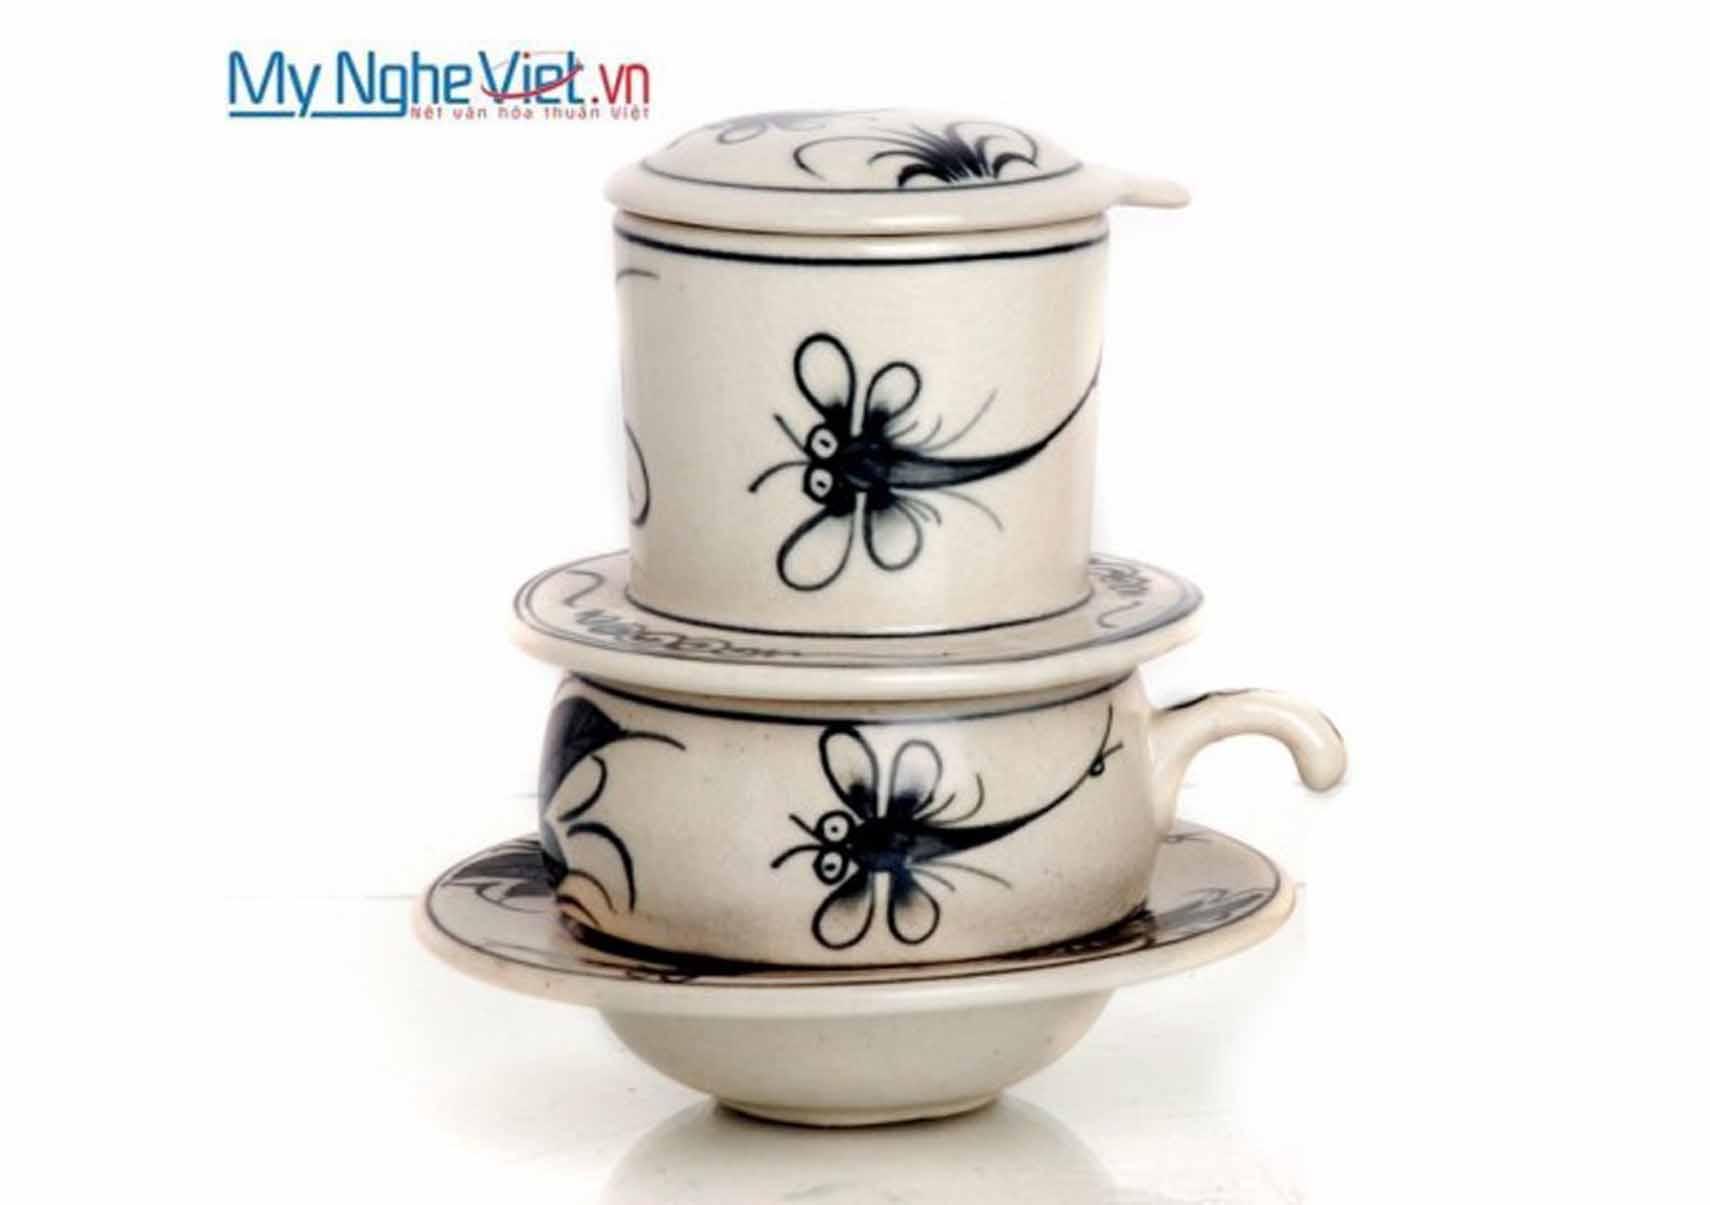 Phin cà phê gốm vẽ chuồn & cúc ly thấp MNV-CF003-0-2